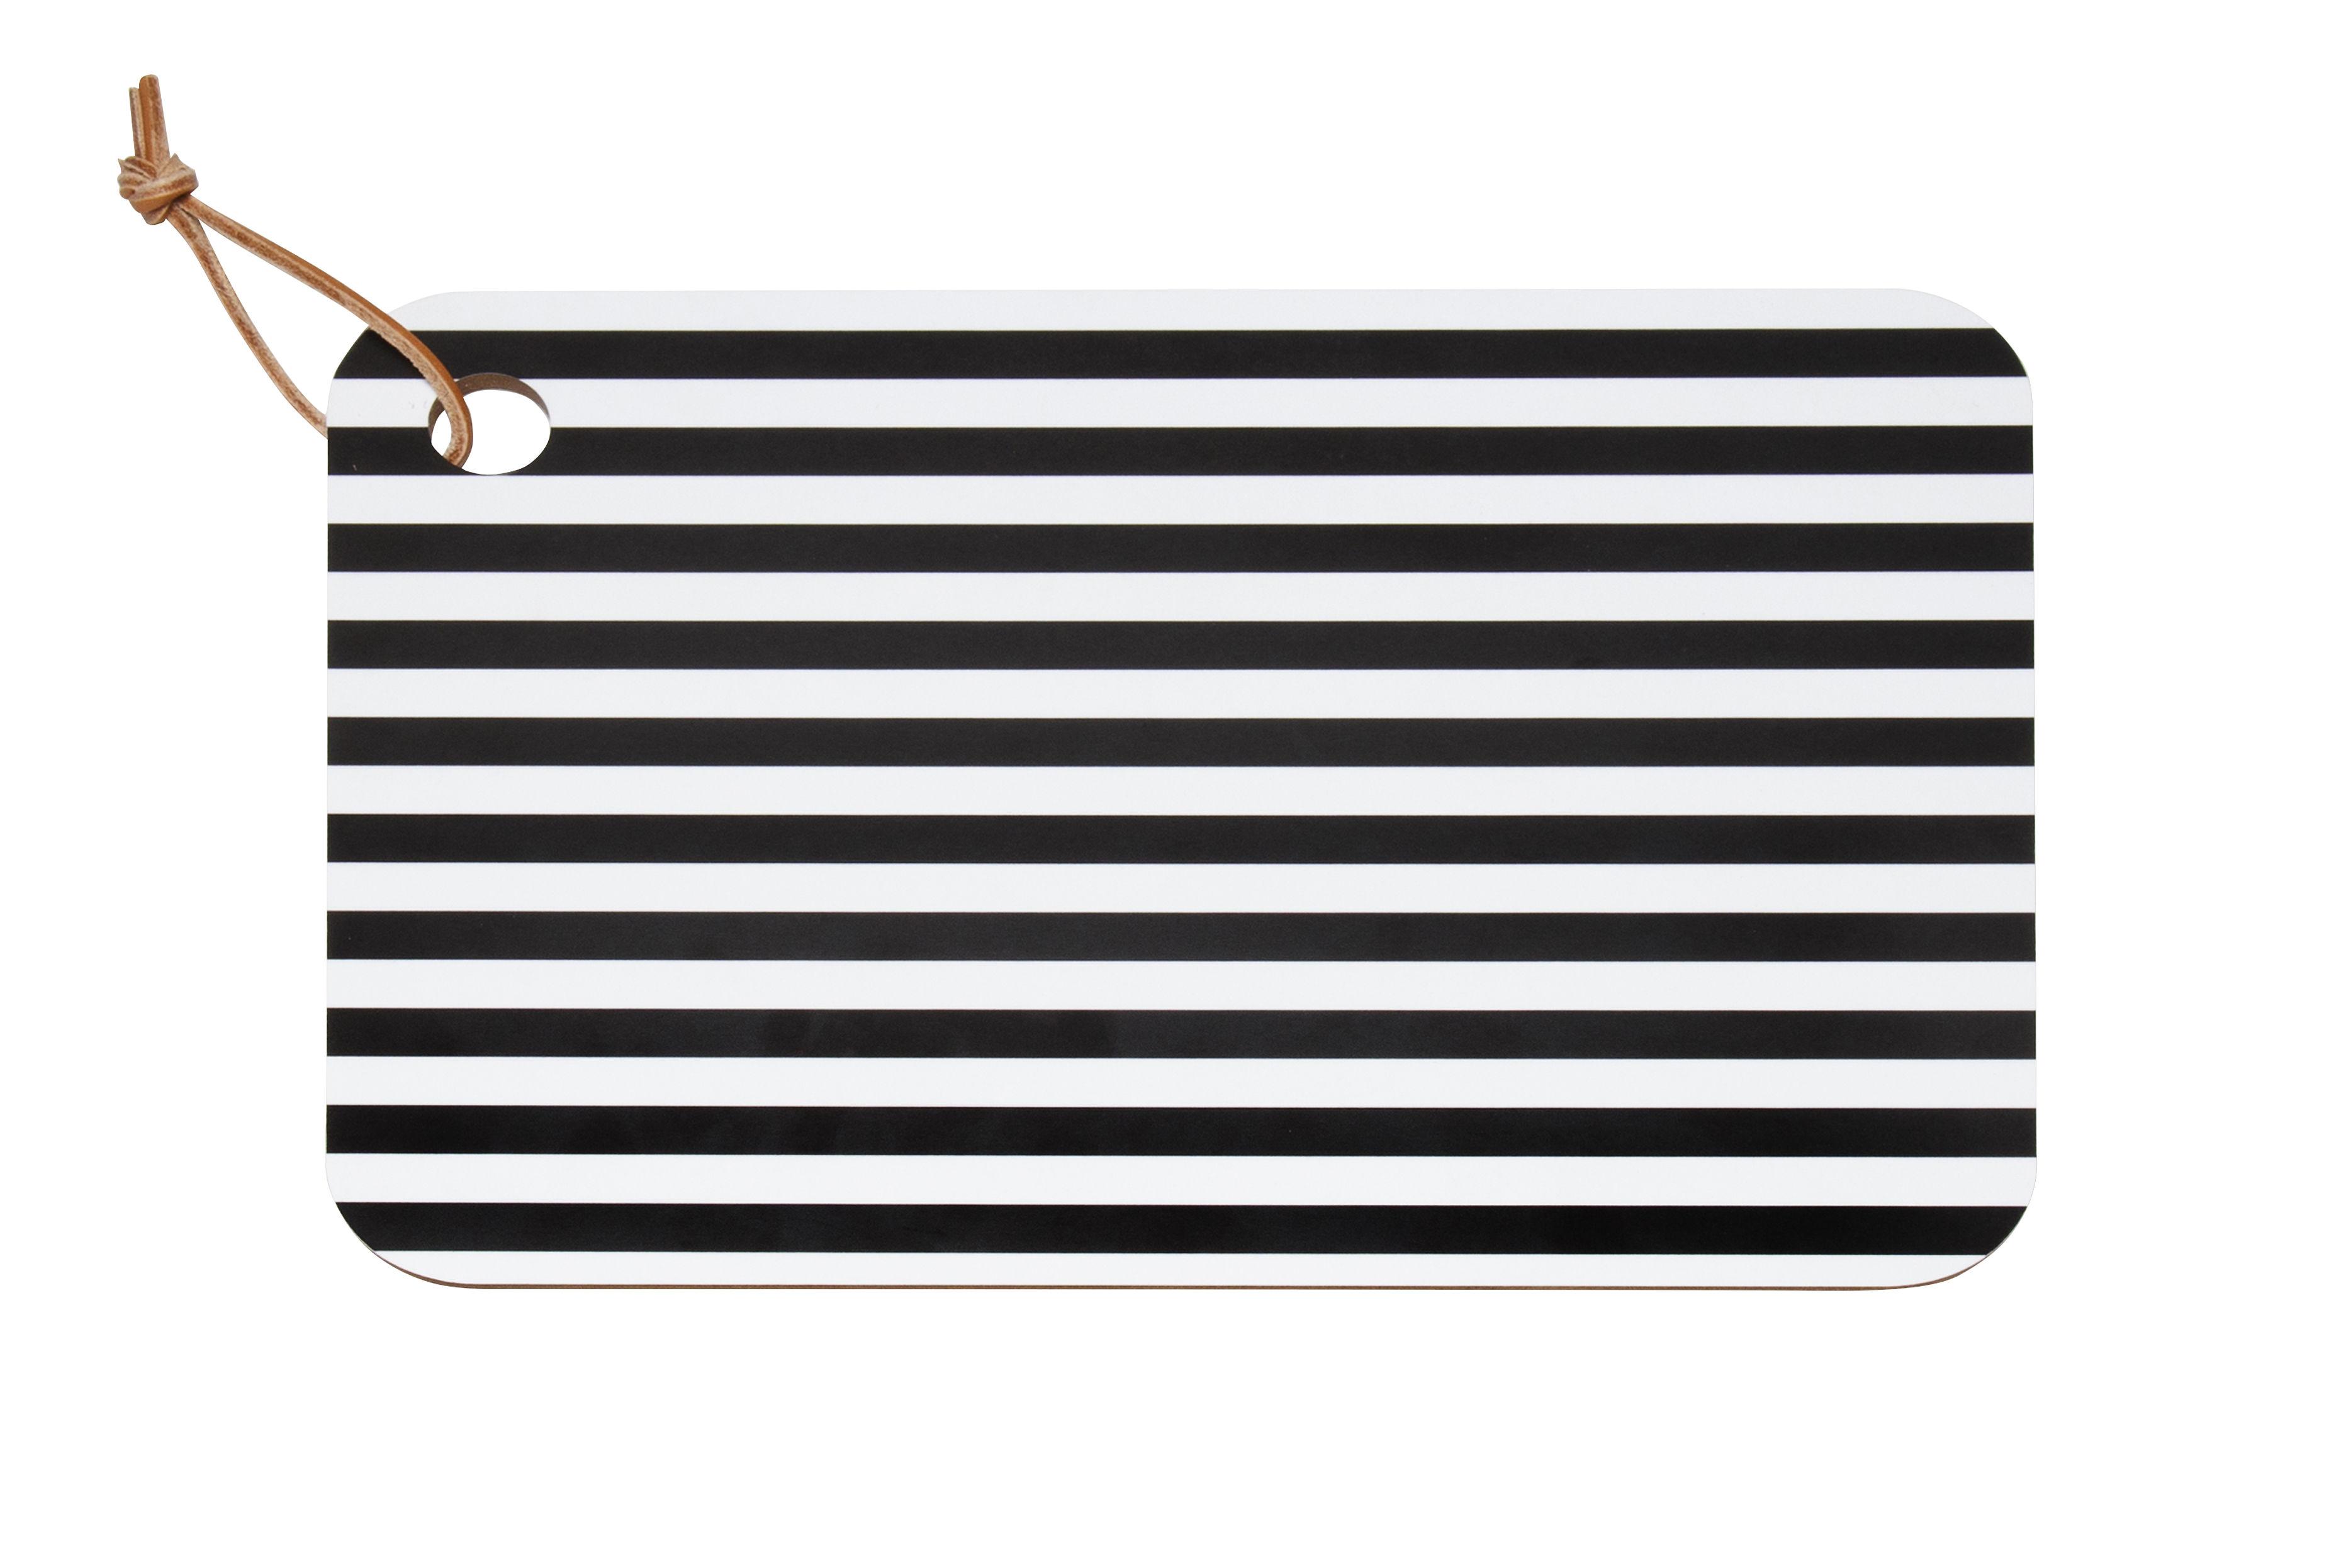 Arts de la table - Plats - Planche à découper Tasaraita / 34,5 x 24,5 cm - Marimekko - Tasaraita / Noir & Blanc - Bois, Cuir, Papier